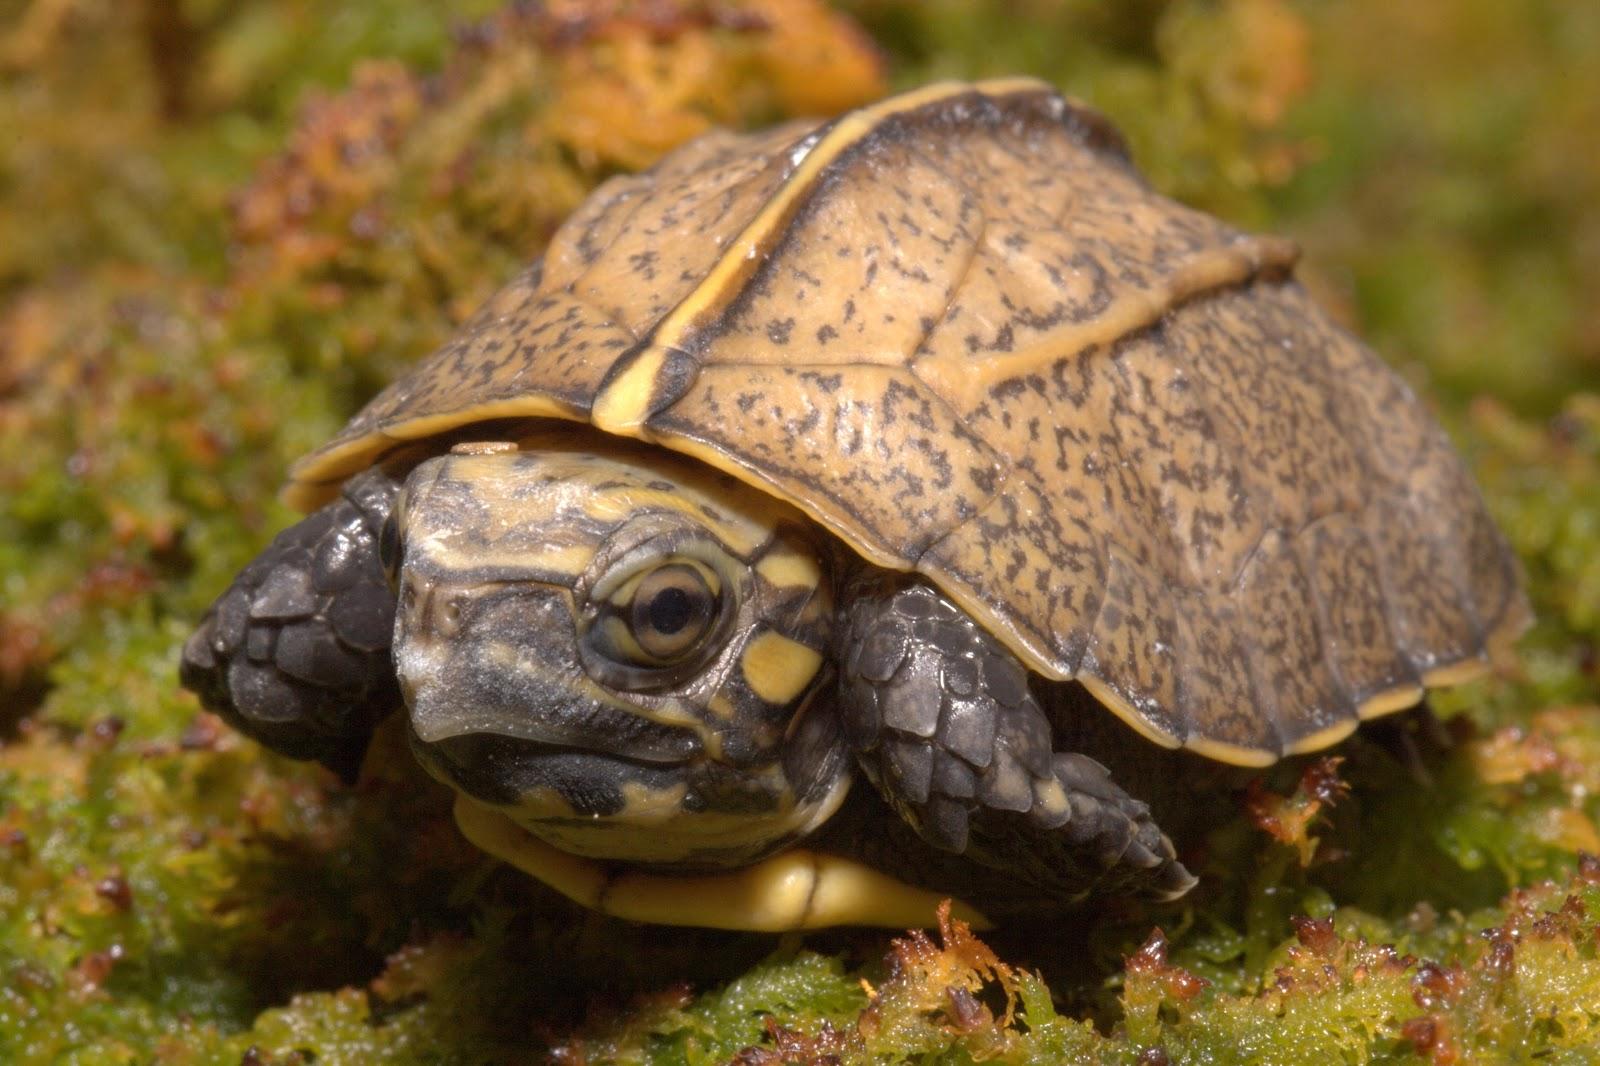 Tennessee Aquarium Blog: October 2012